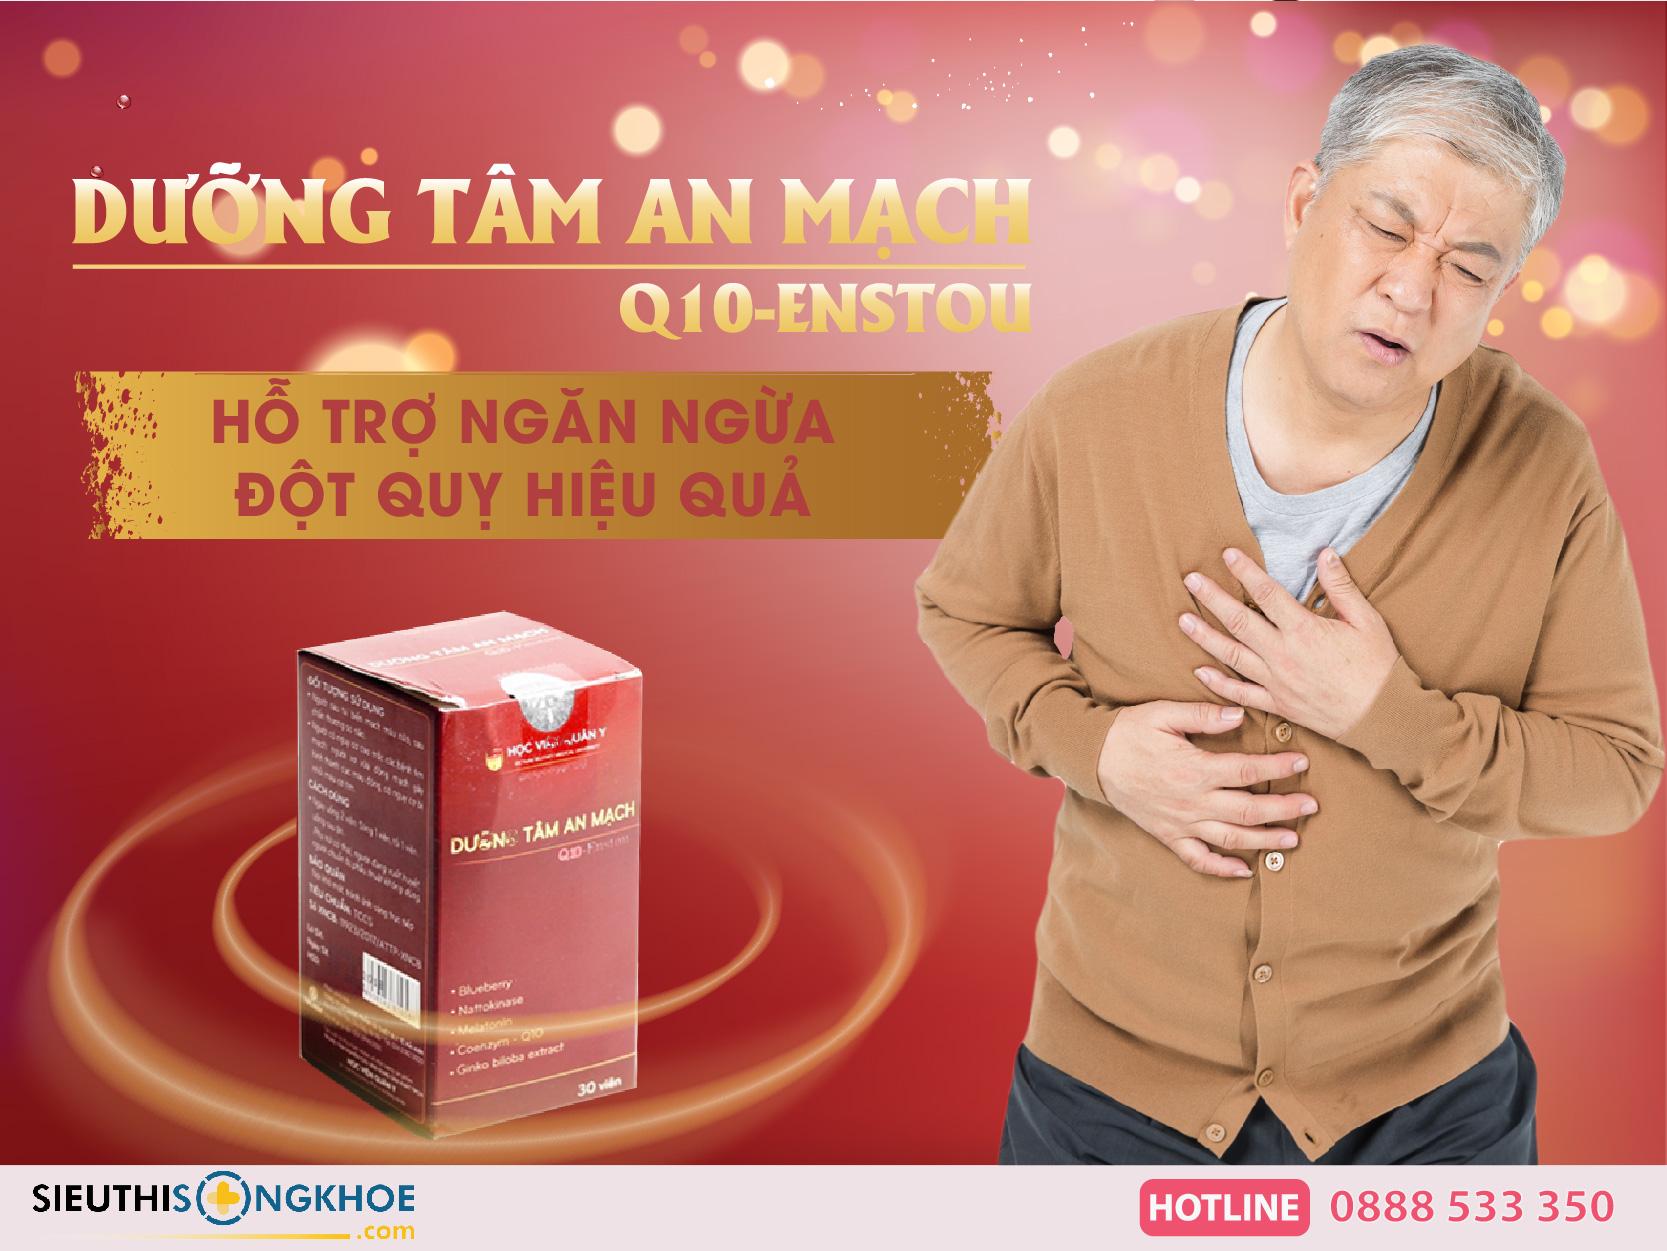 dưỡng tâm an mạch q10-enstou